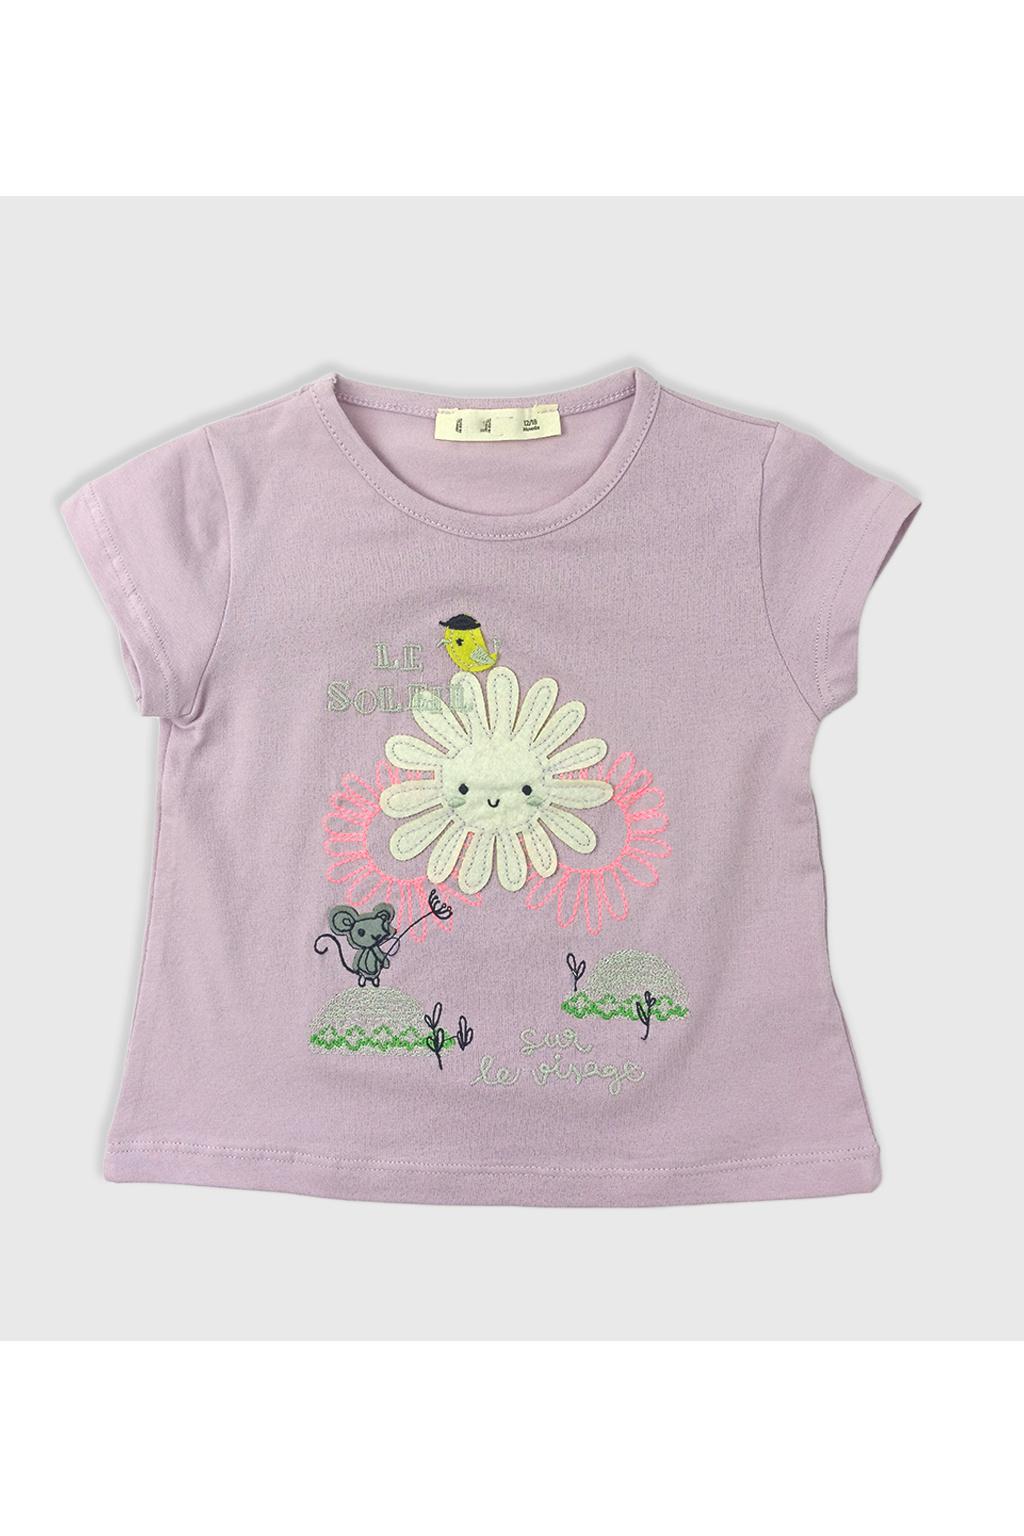 Dívčí tričko le soleil fialová